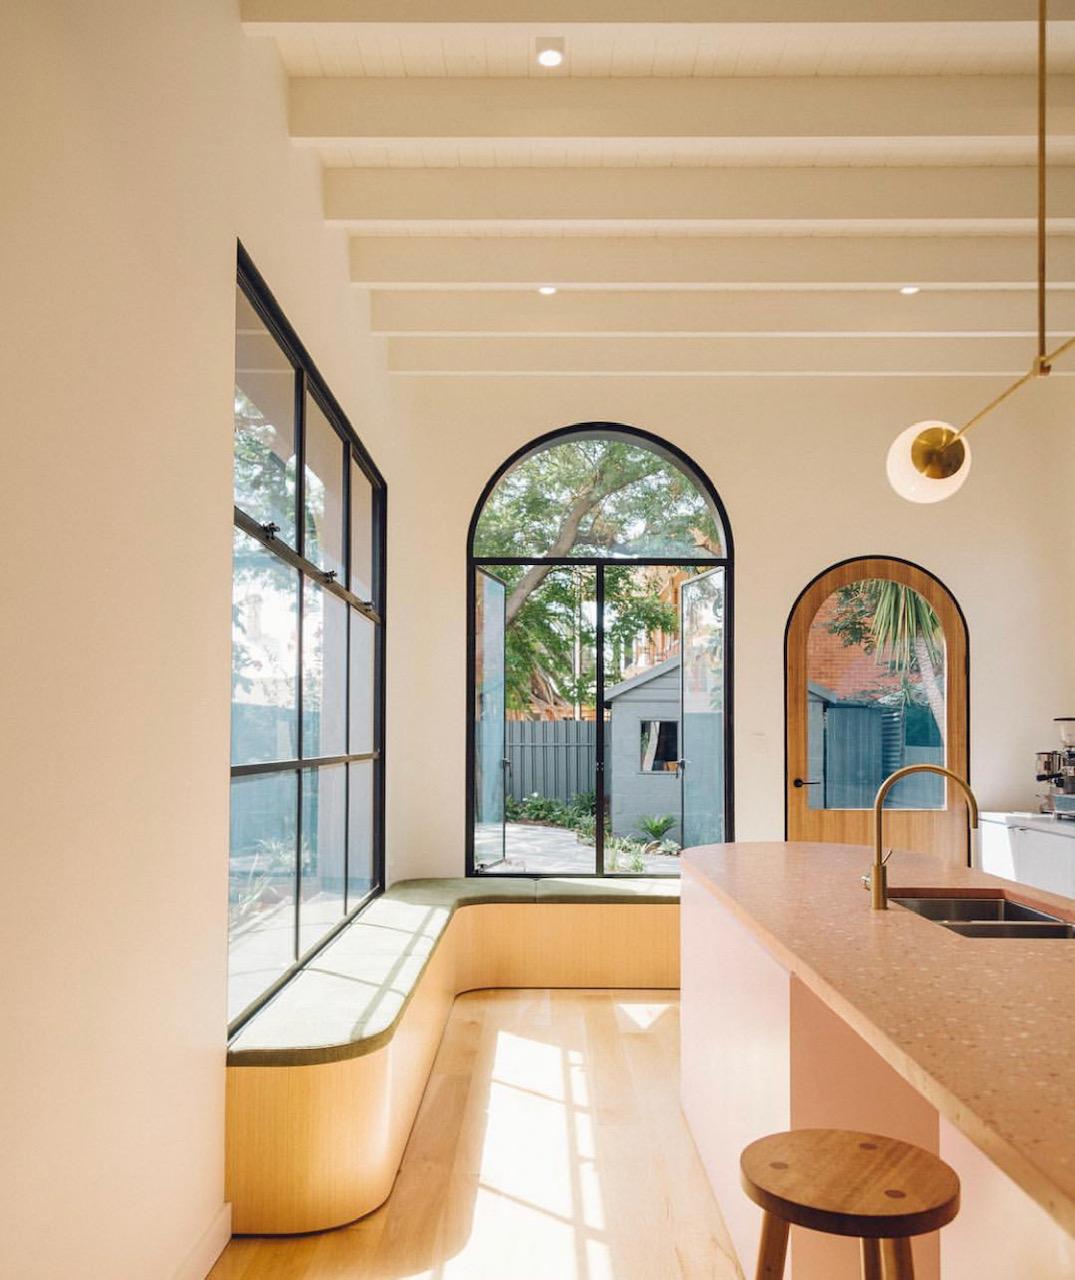 2020 Interior Design Trends Curves